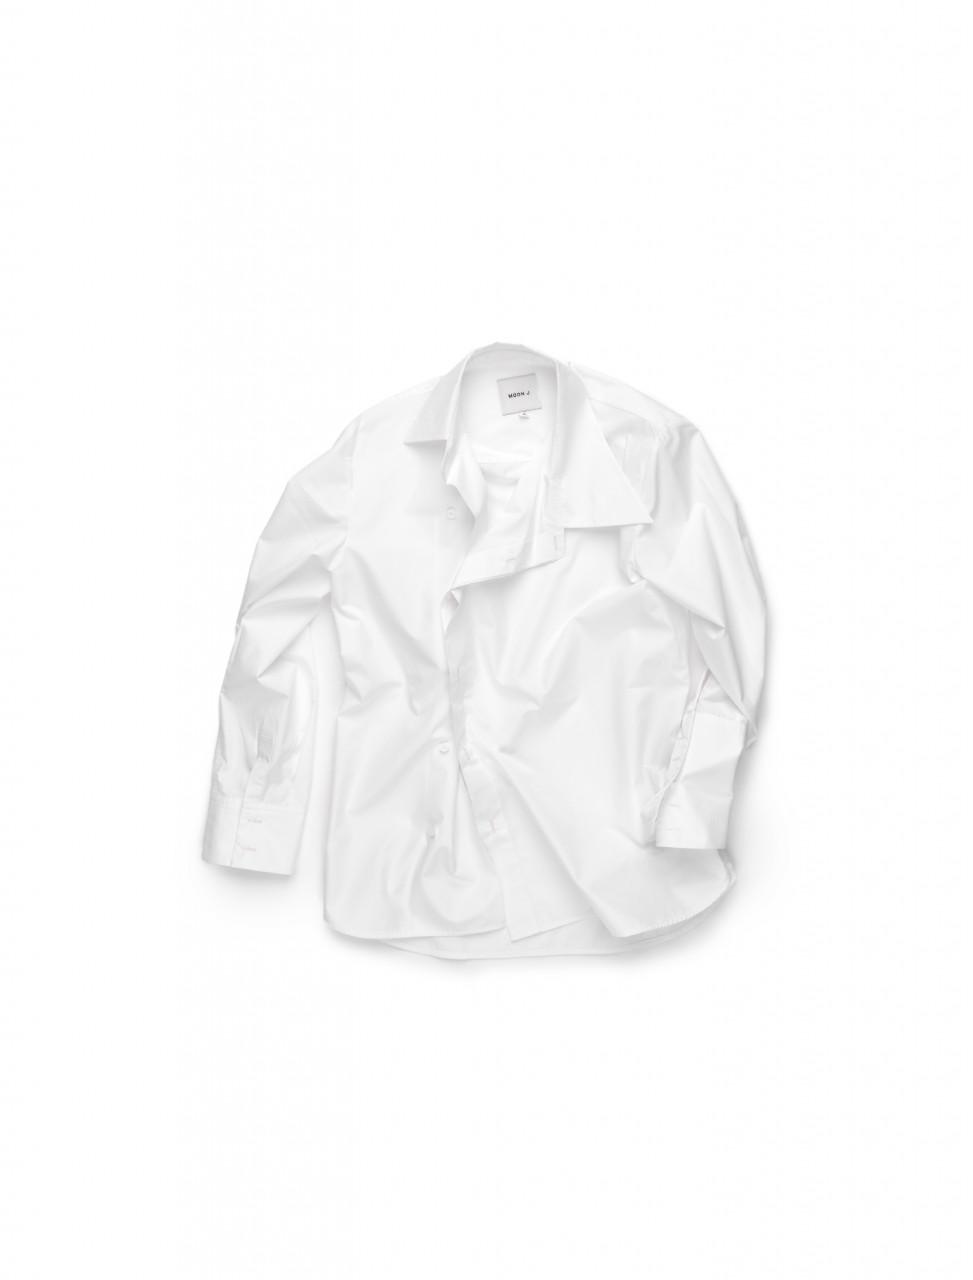 351-203-CS-11224 MOON J ASYMMETRIC COTON SHIRT WHITE